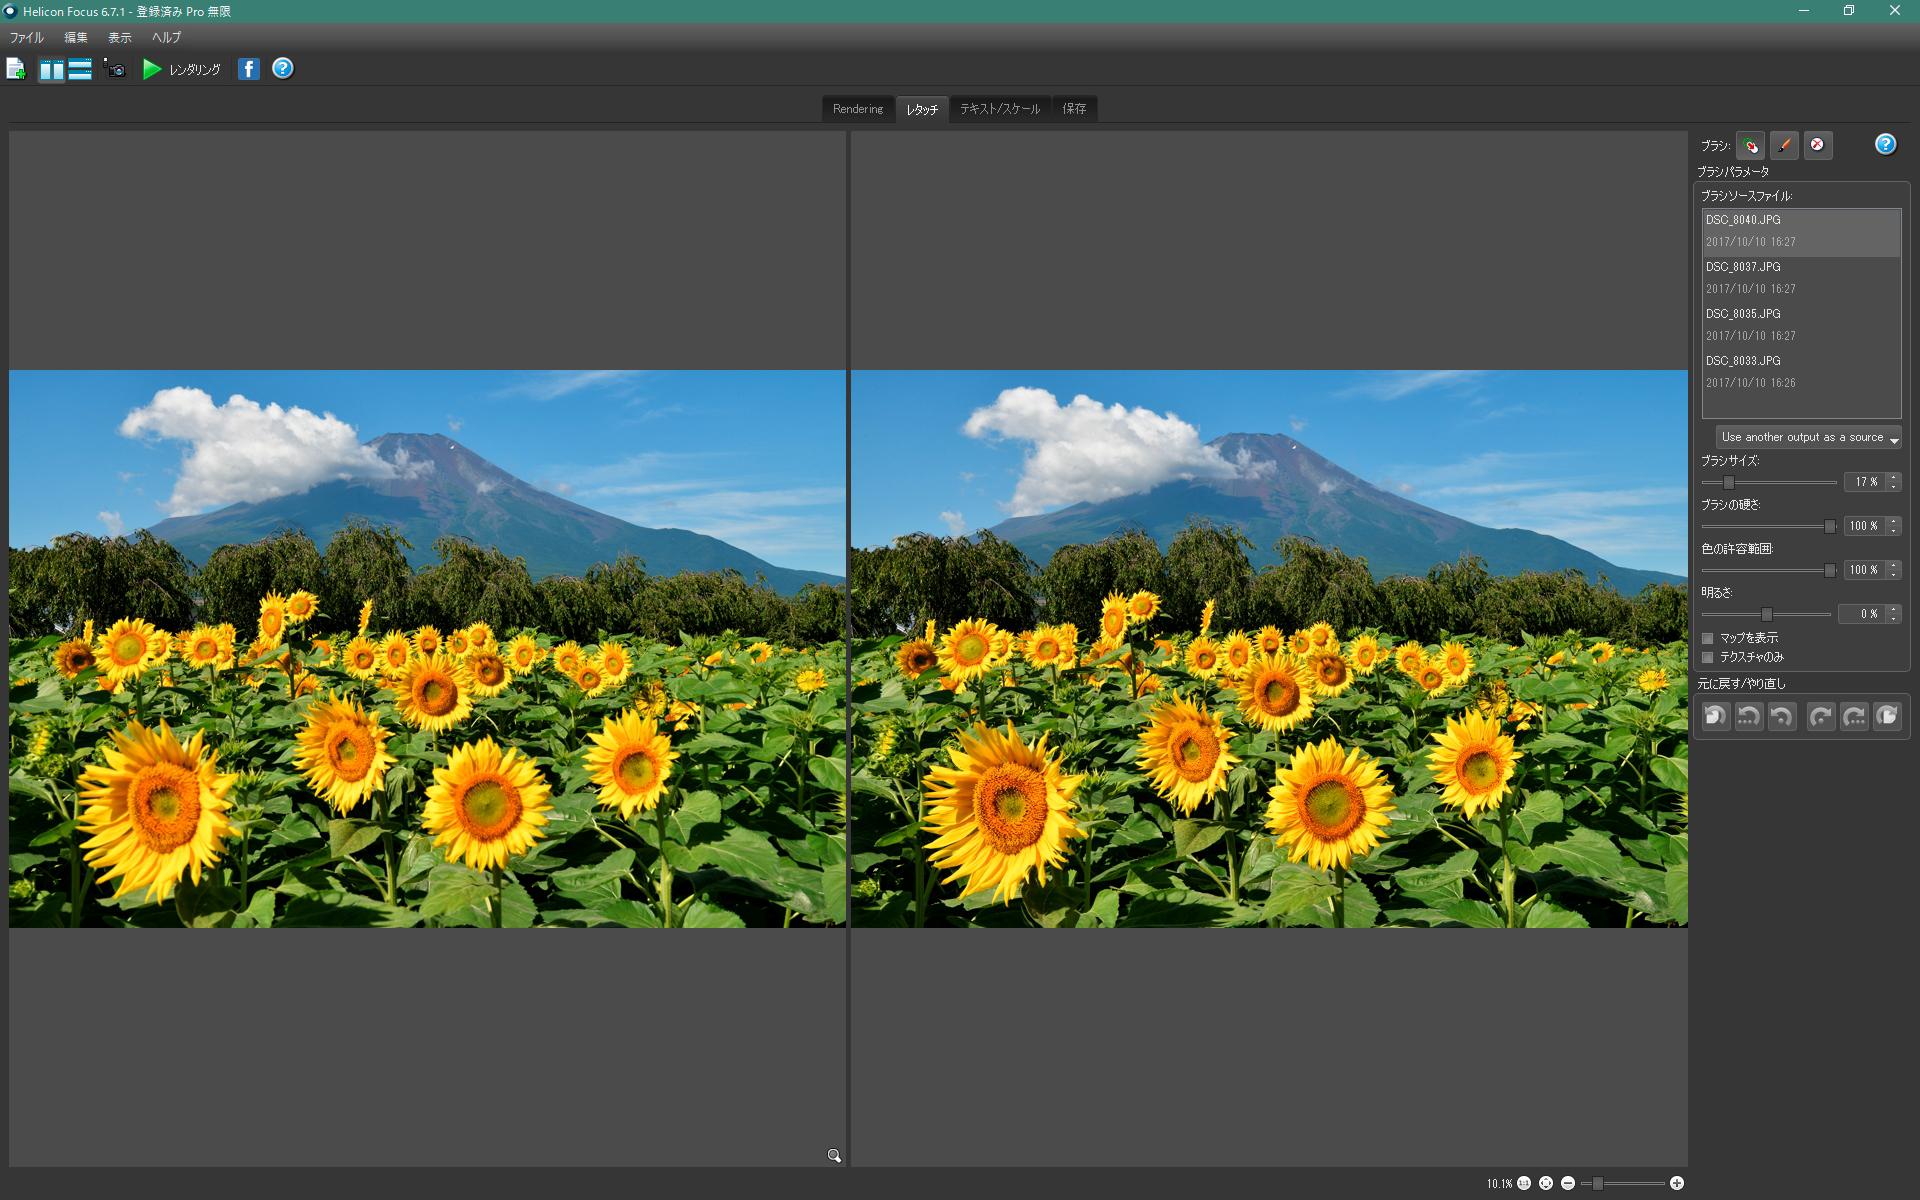 深度合成処理が完了したら、[レタッチ]タブを選択して、合成がうまくいっていない箇所を修正する。左側が選択中の素材、右側が合成後の画像だ。